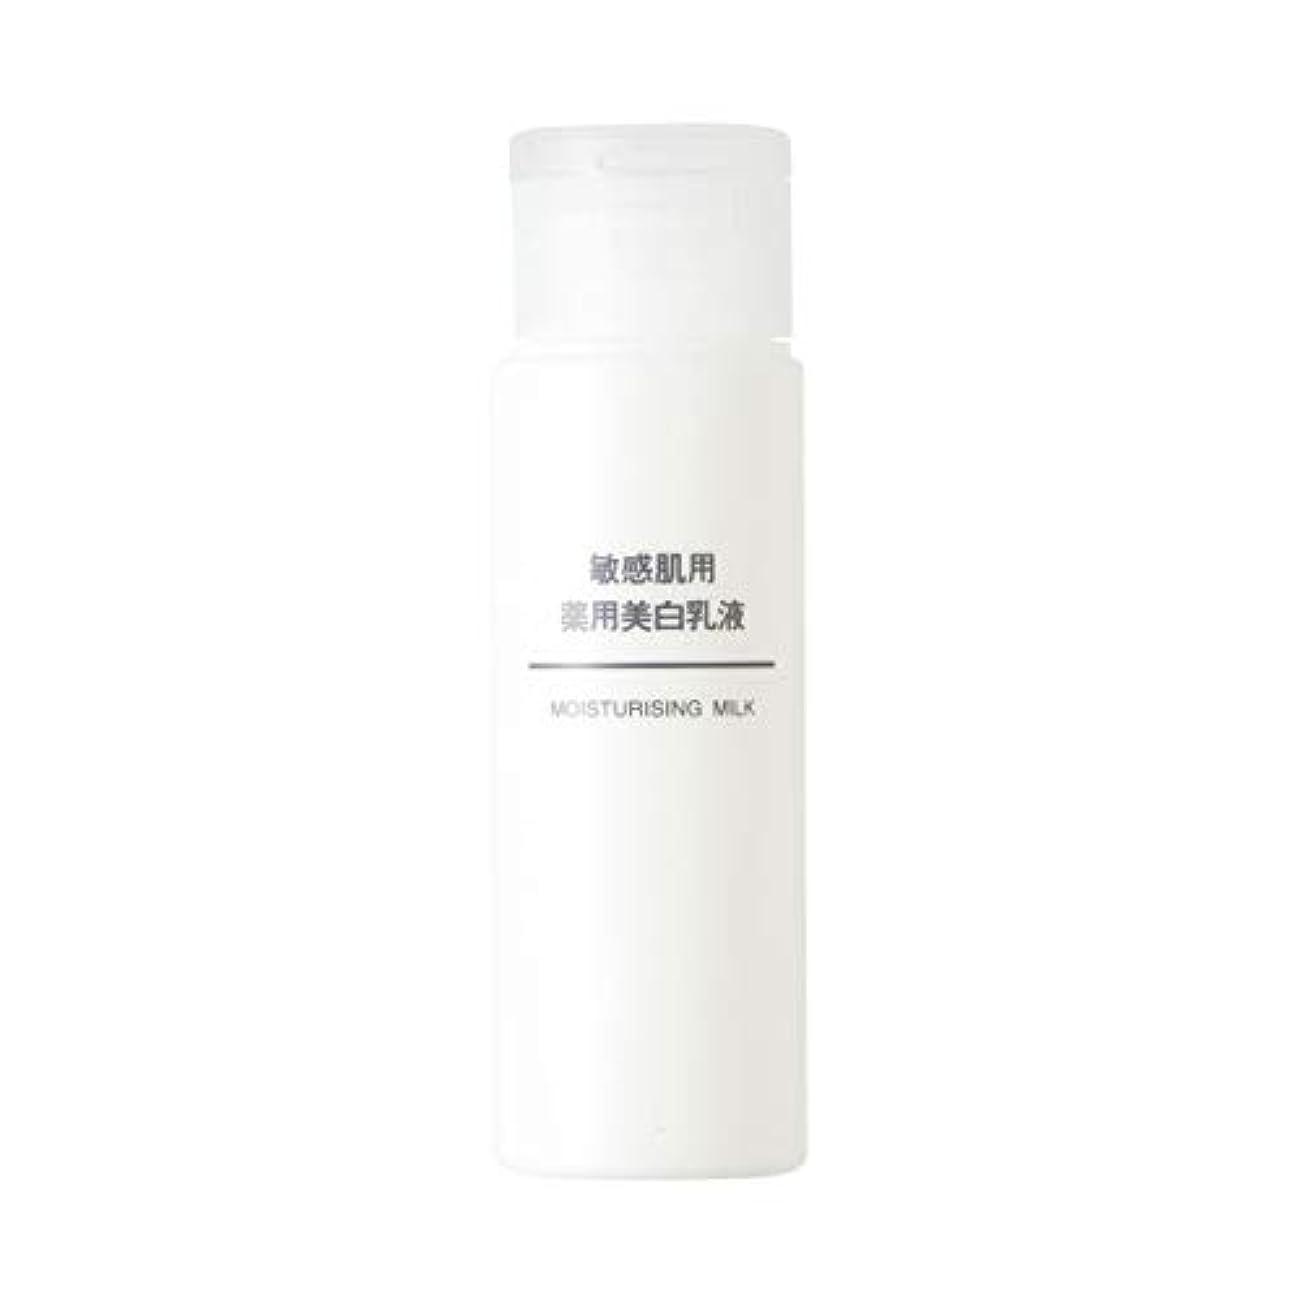 前部プーノ持っている無印良品 敏感肌用 薬用美白乳液(携帯用) (新)50ml